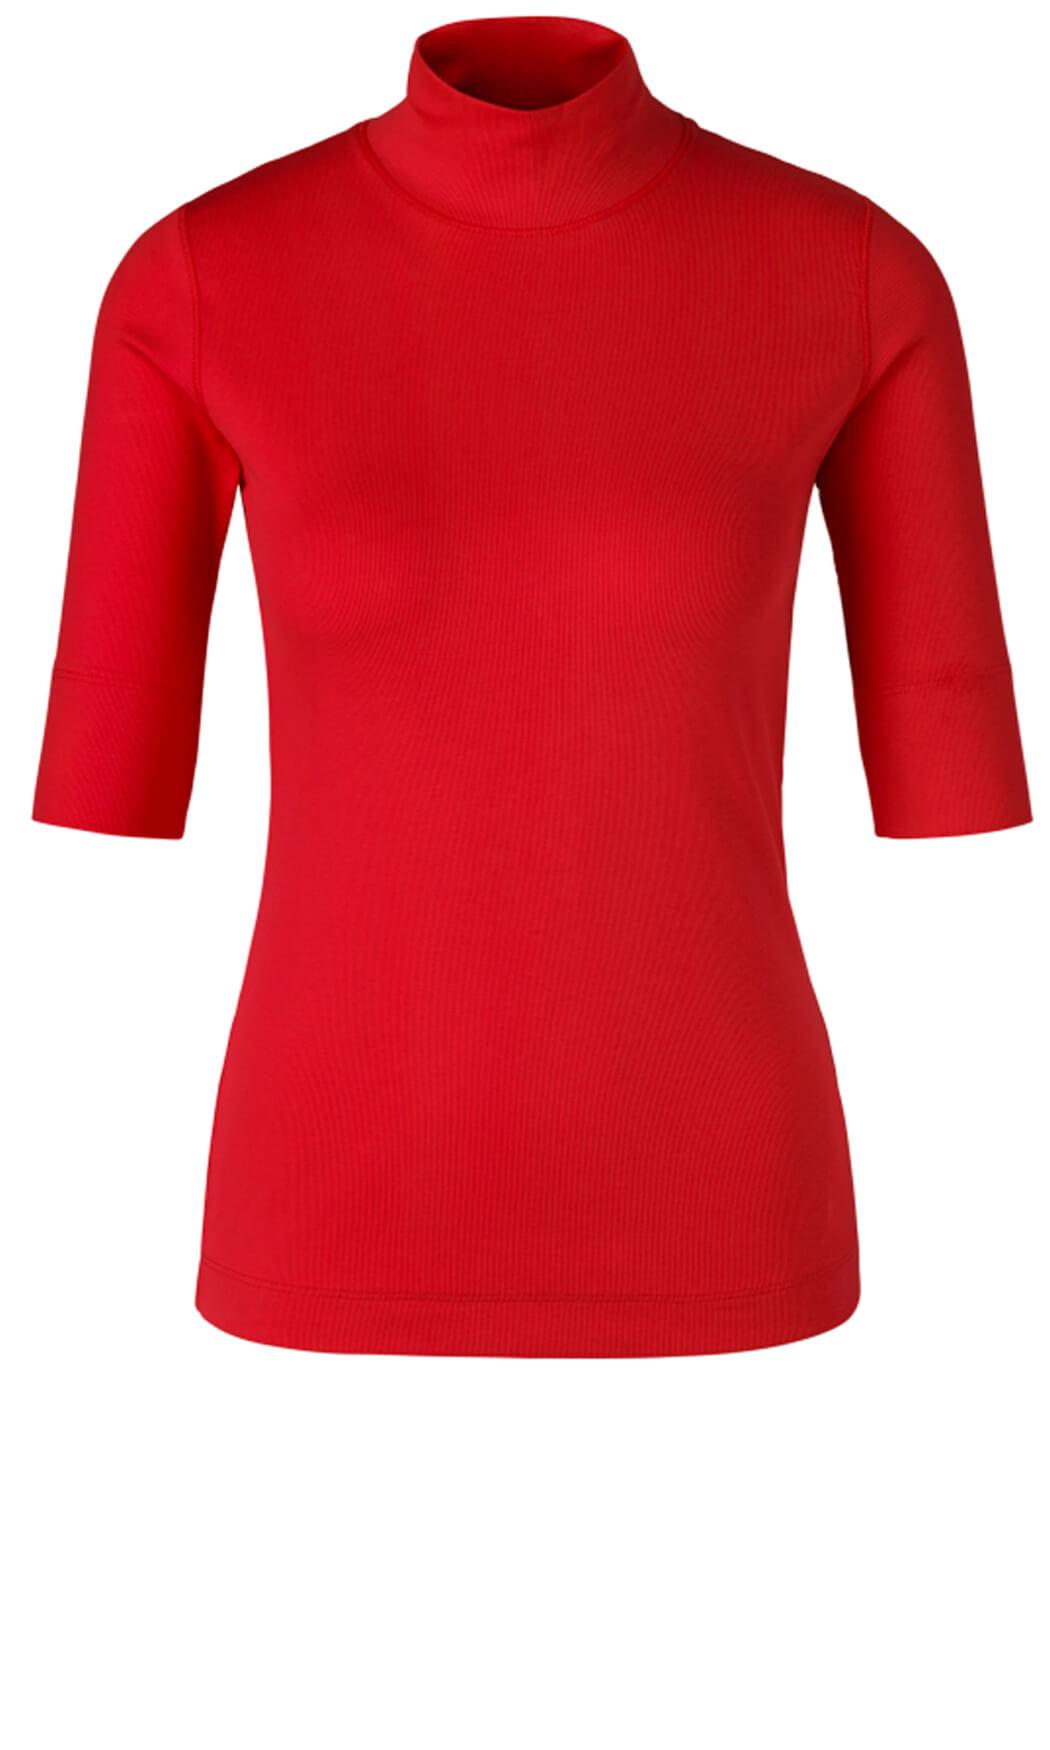 Marccain Sports Dames Shirt met colkraag Rood